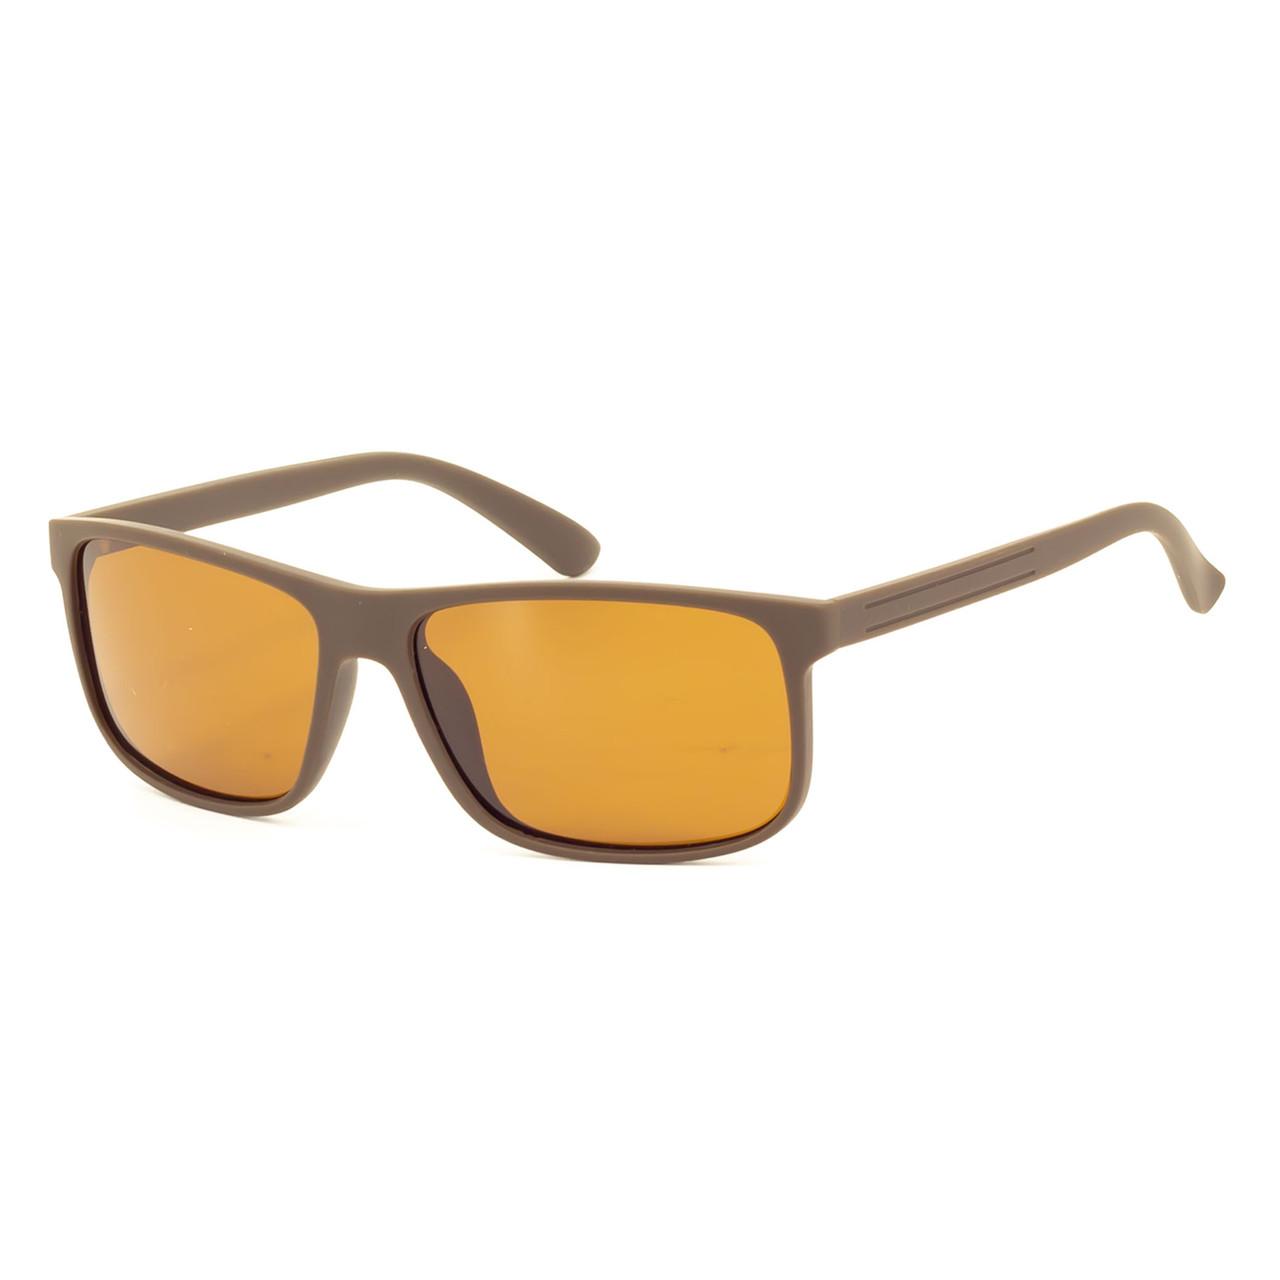 Солнцезащитные очки Marmilen TR-90 P1956 C20 кричневые матовые   ( P1956-20 )